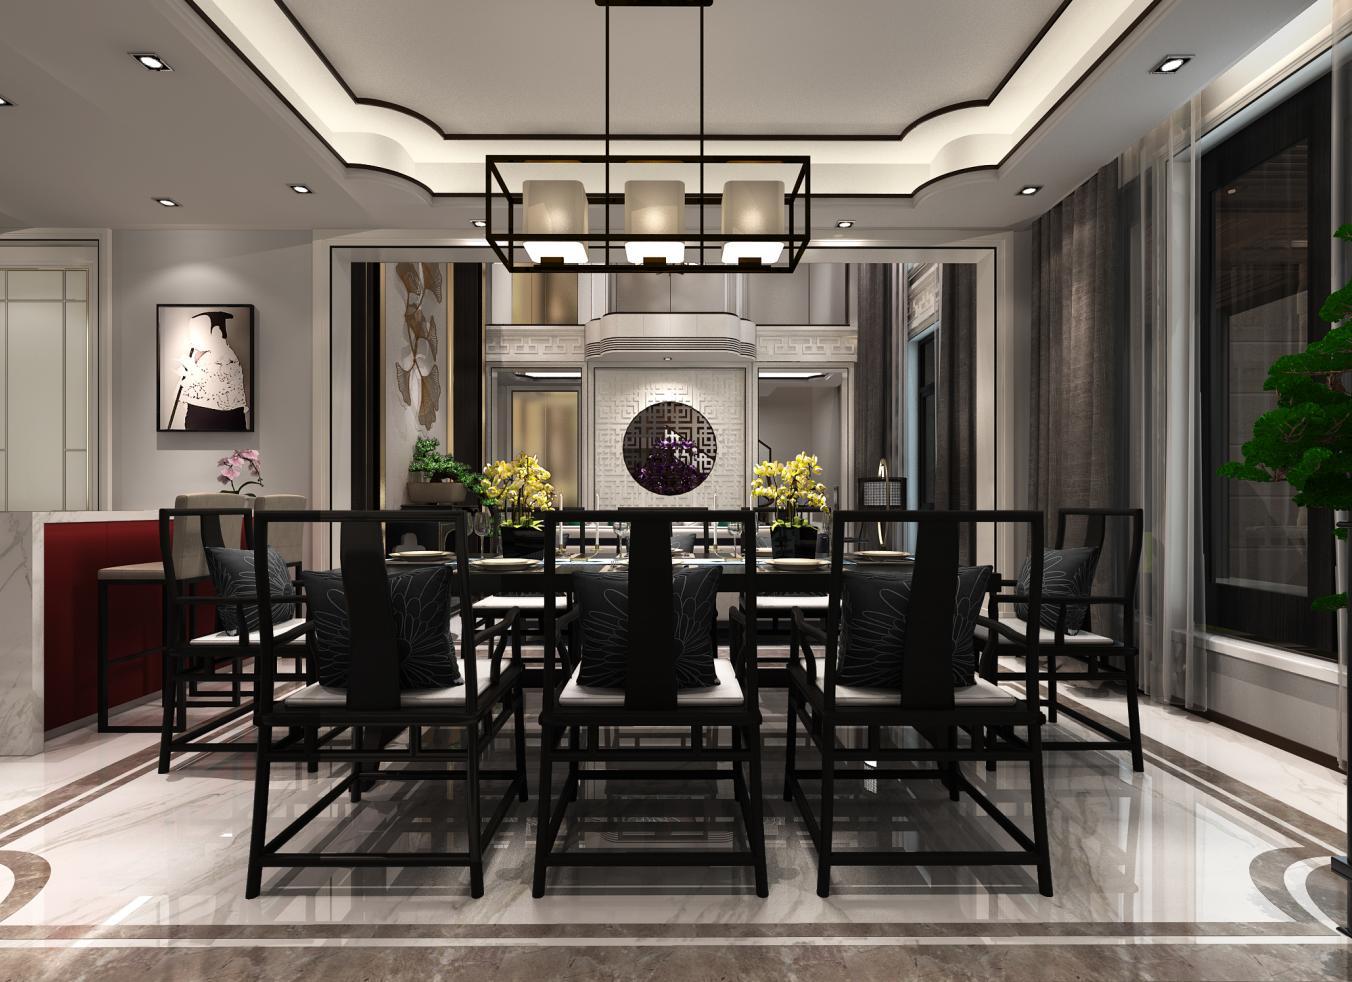 法兰西世家 别墅装修 新中式风格 腾龙设计 餐厅图片来自腾龙设计在沈韬作品 法兰西世家别墅装修的分享